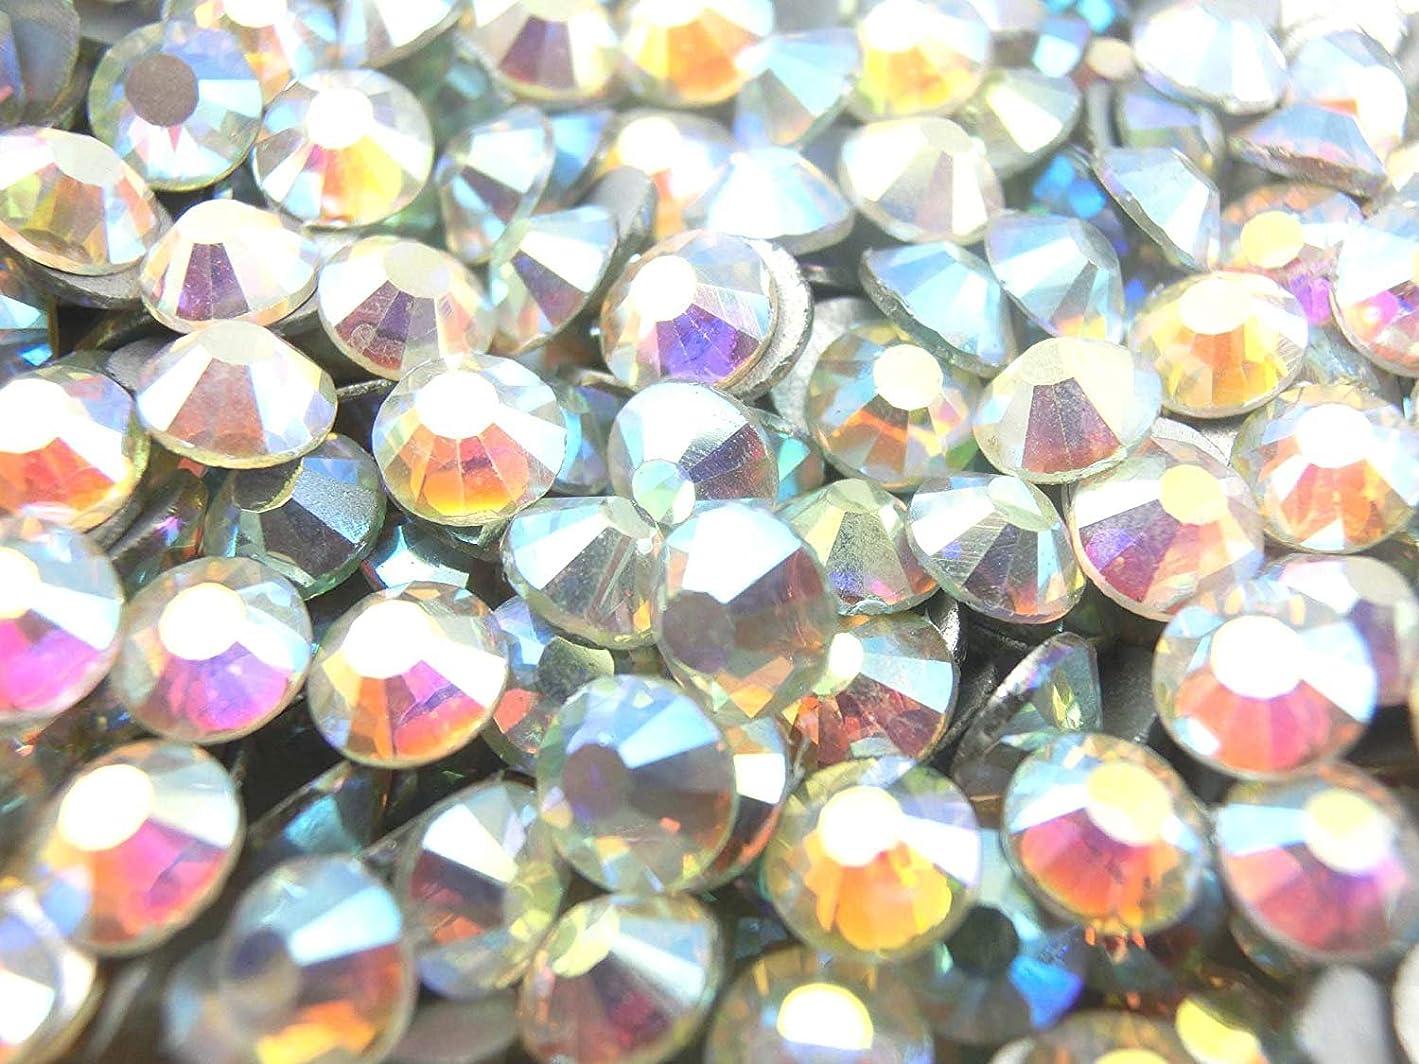 塩同様の二十【ラインストーン77】 超高級 ガラス製ラインストーン SS3~SS40 オーロラクリスタル スワロフスキー同等 (6.3mm (SS30) 約280粒)